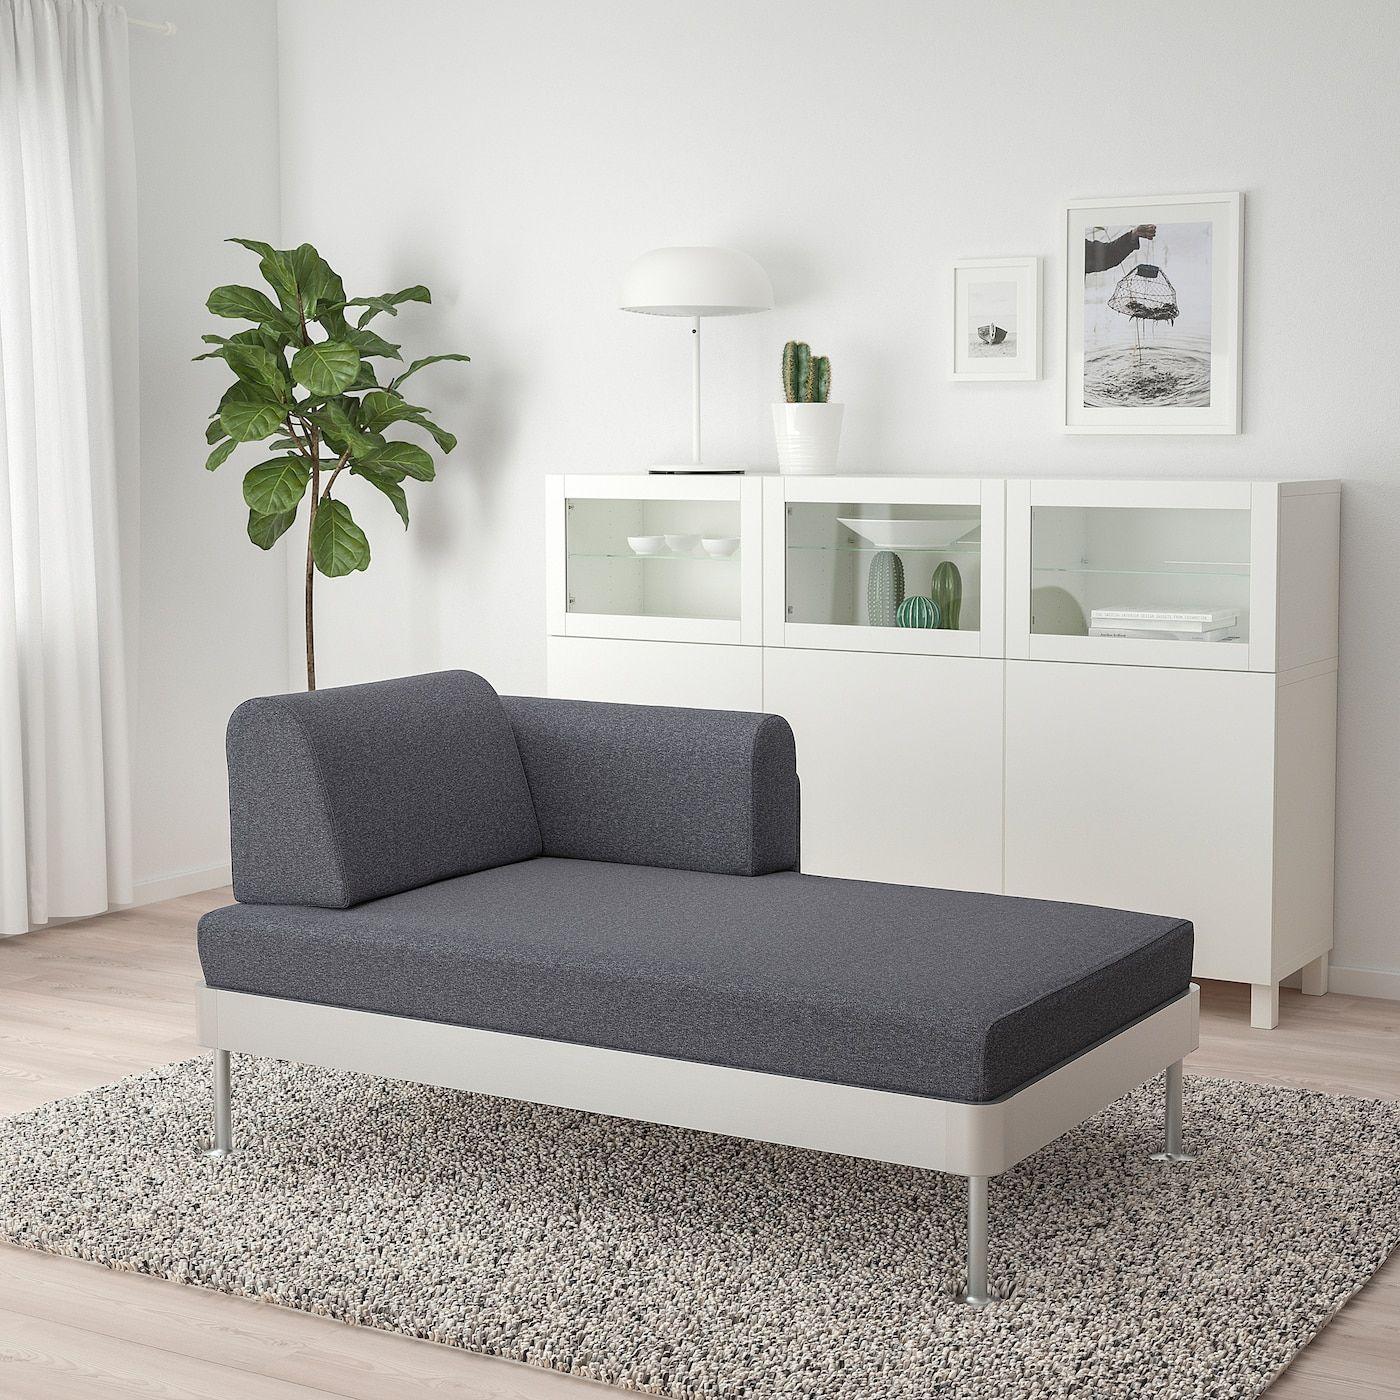 Divano Letto Con Secondo Letto Estraibile Ikea.Delaktig Chaise With Armrest Gunnared Medium Gray In 2020 Sofa